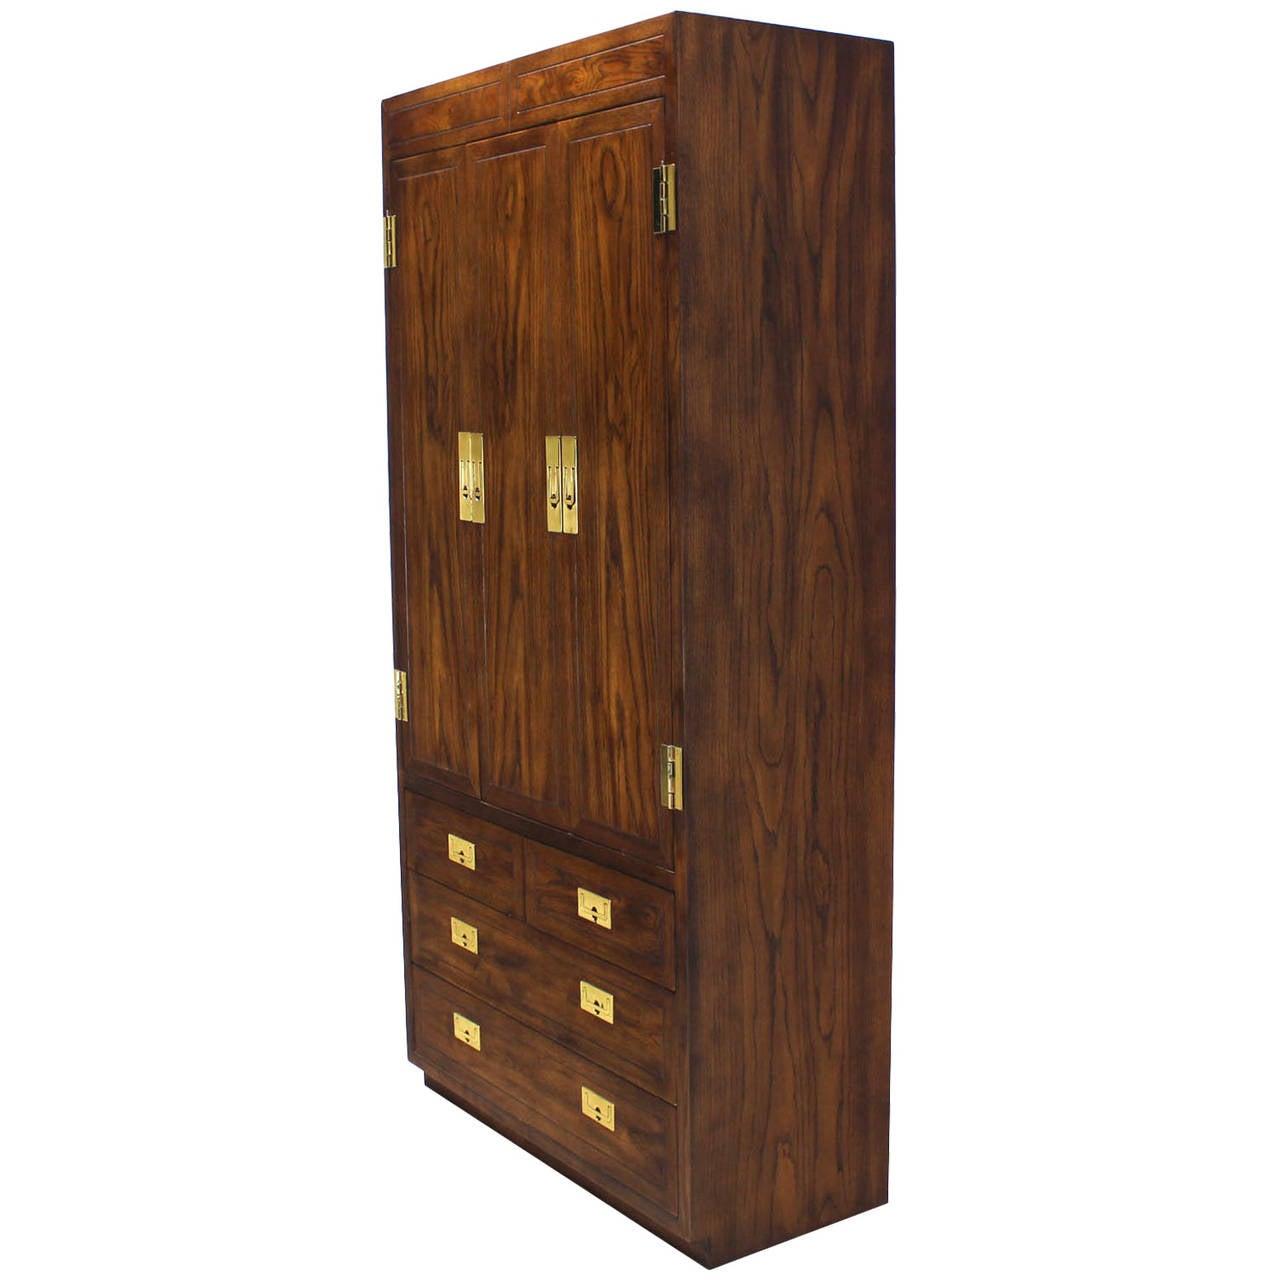 Paul Evans Furniture